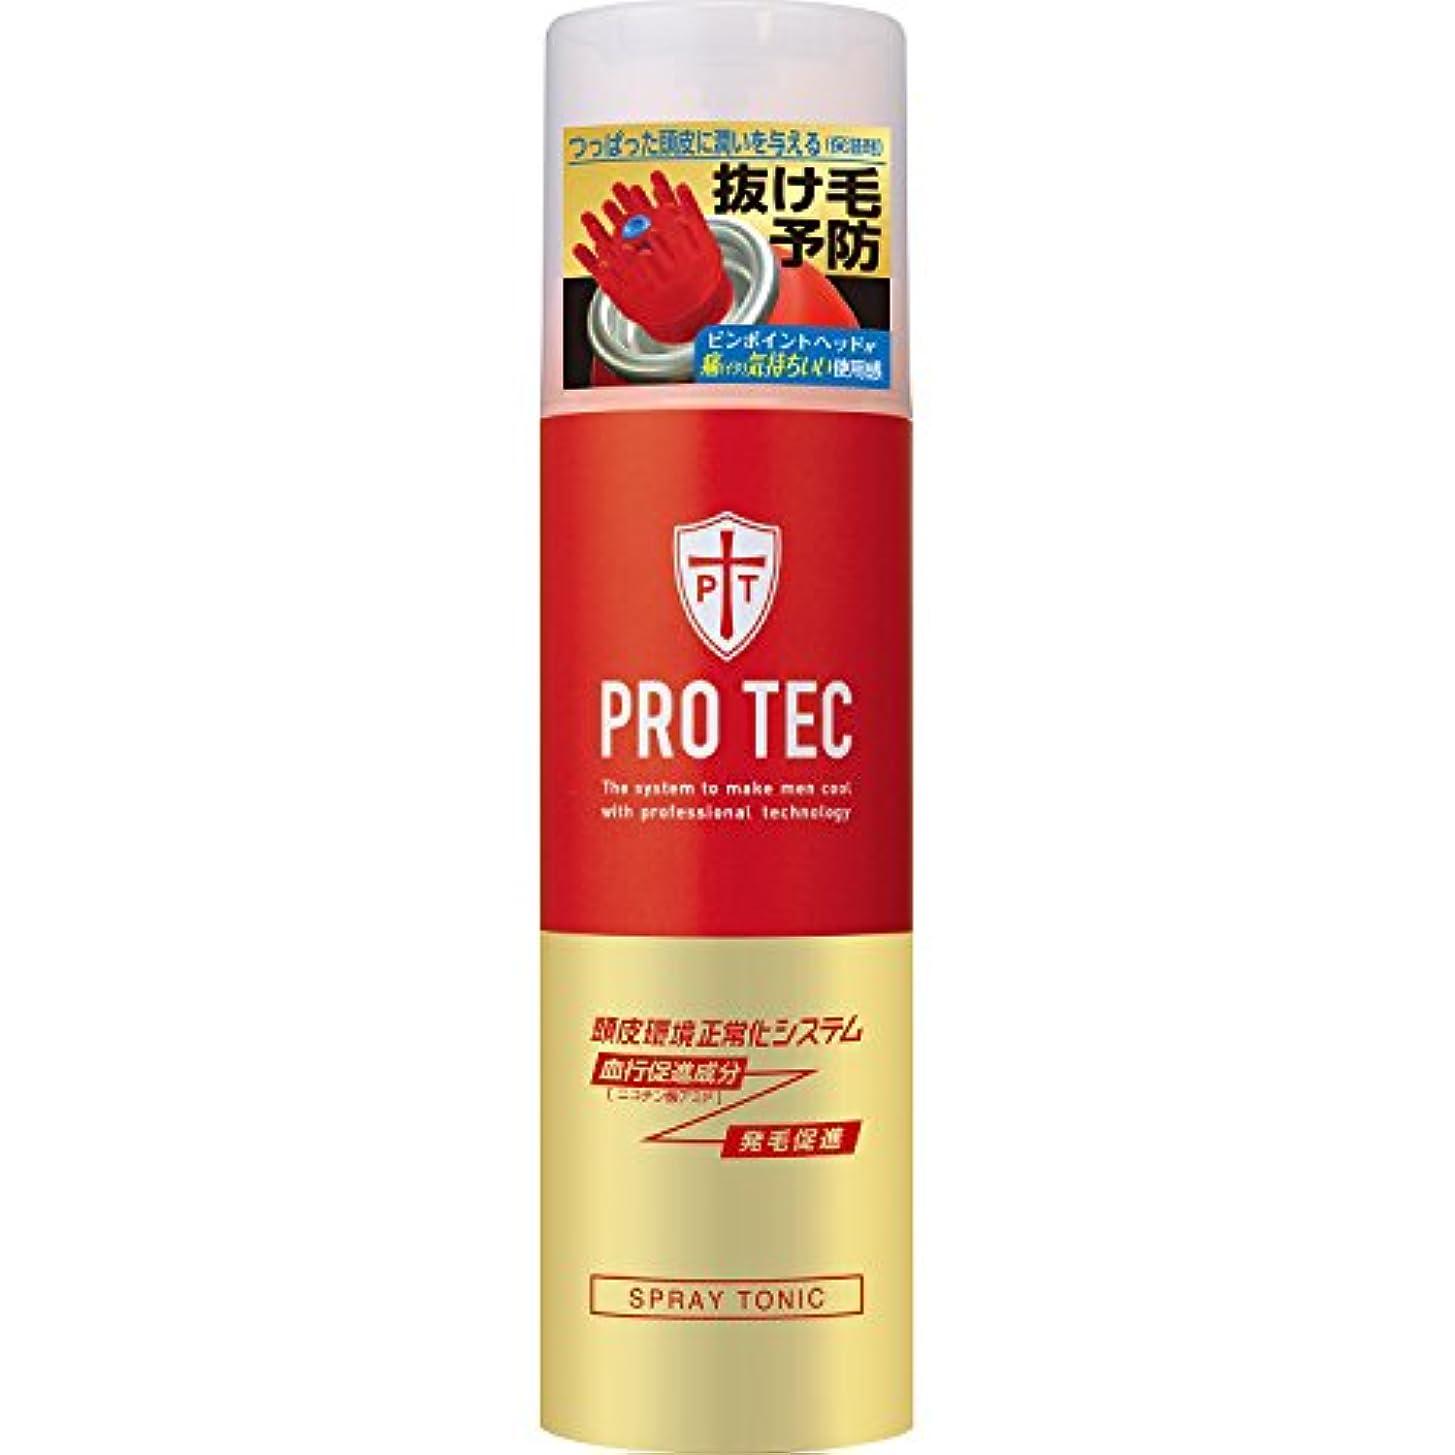 喜び咳石炭PRO TEC(プロテク) スプレートニック 150g(医薬部外品)